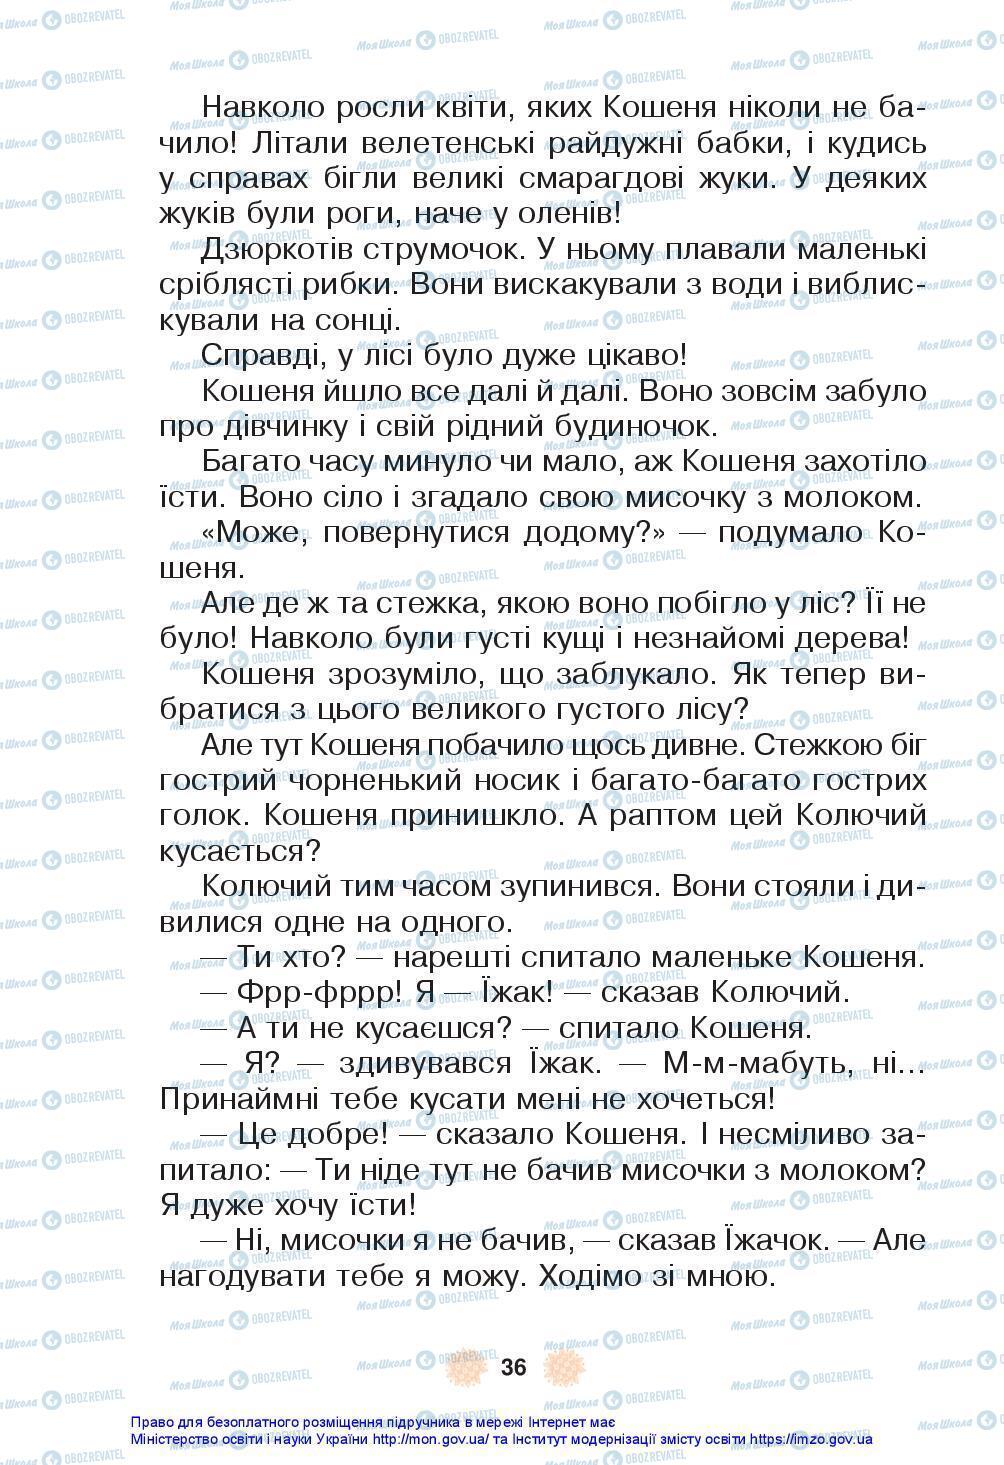 Підручники Українська мова 3 клас сторінка 36